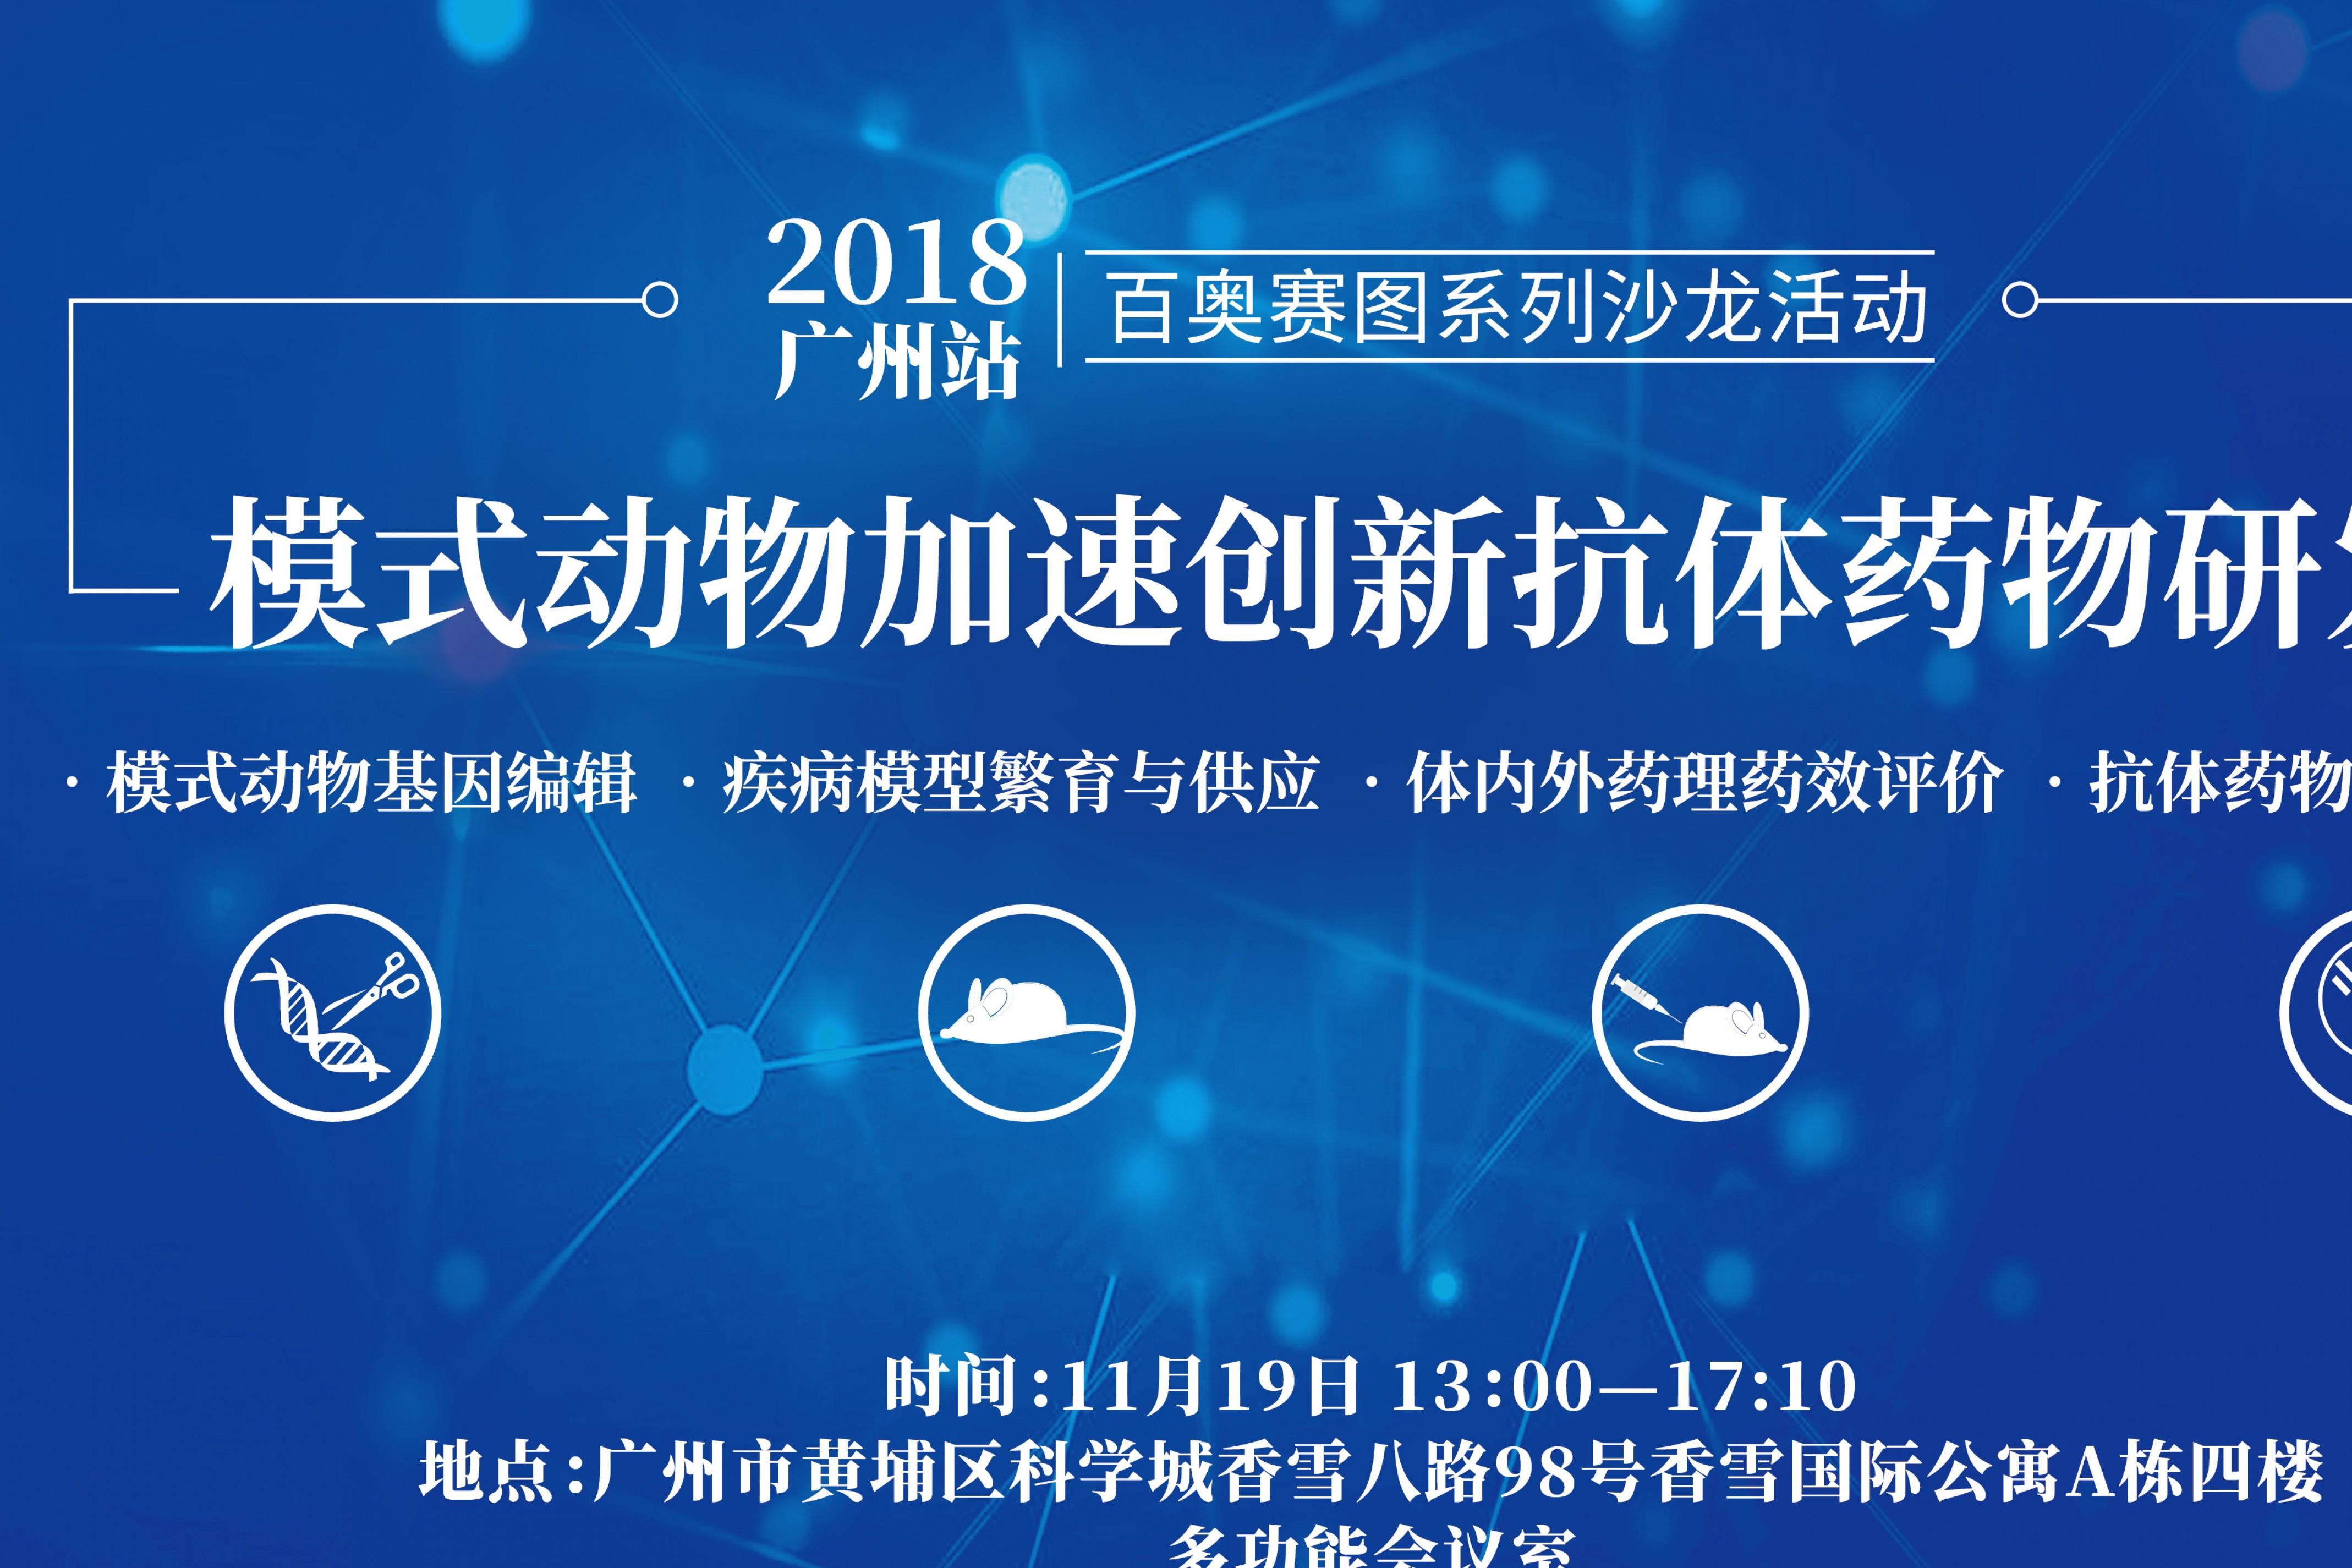 【沙龙预告】广州站 | 模式动物加速创新抗体药物研发-11月19日